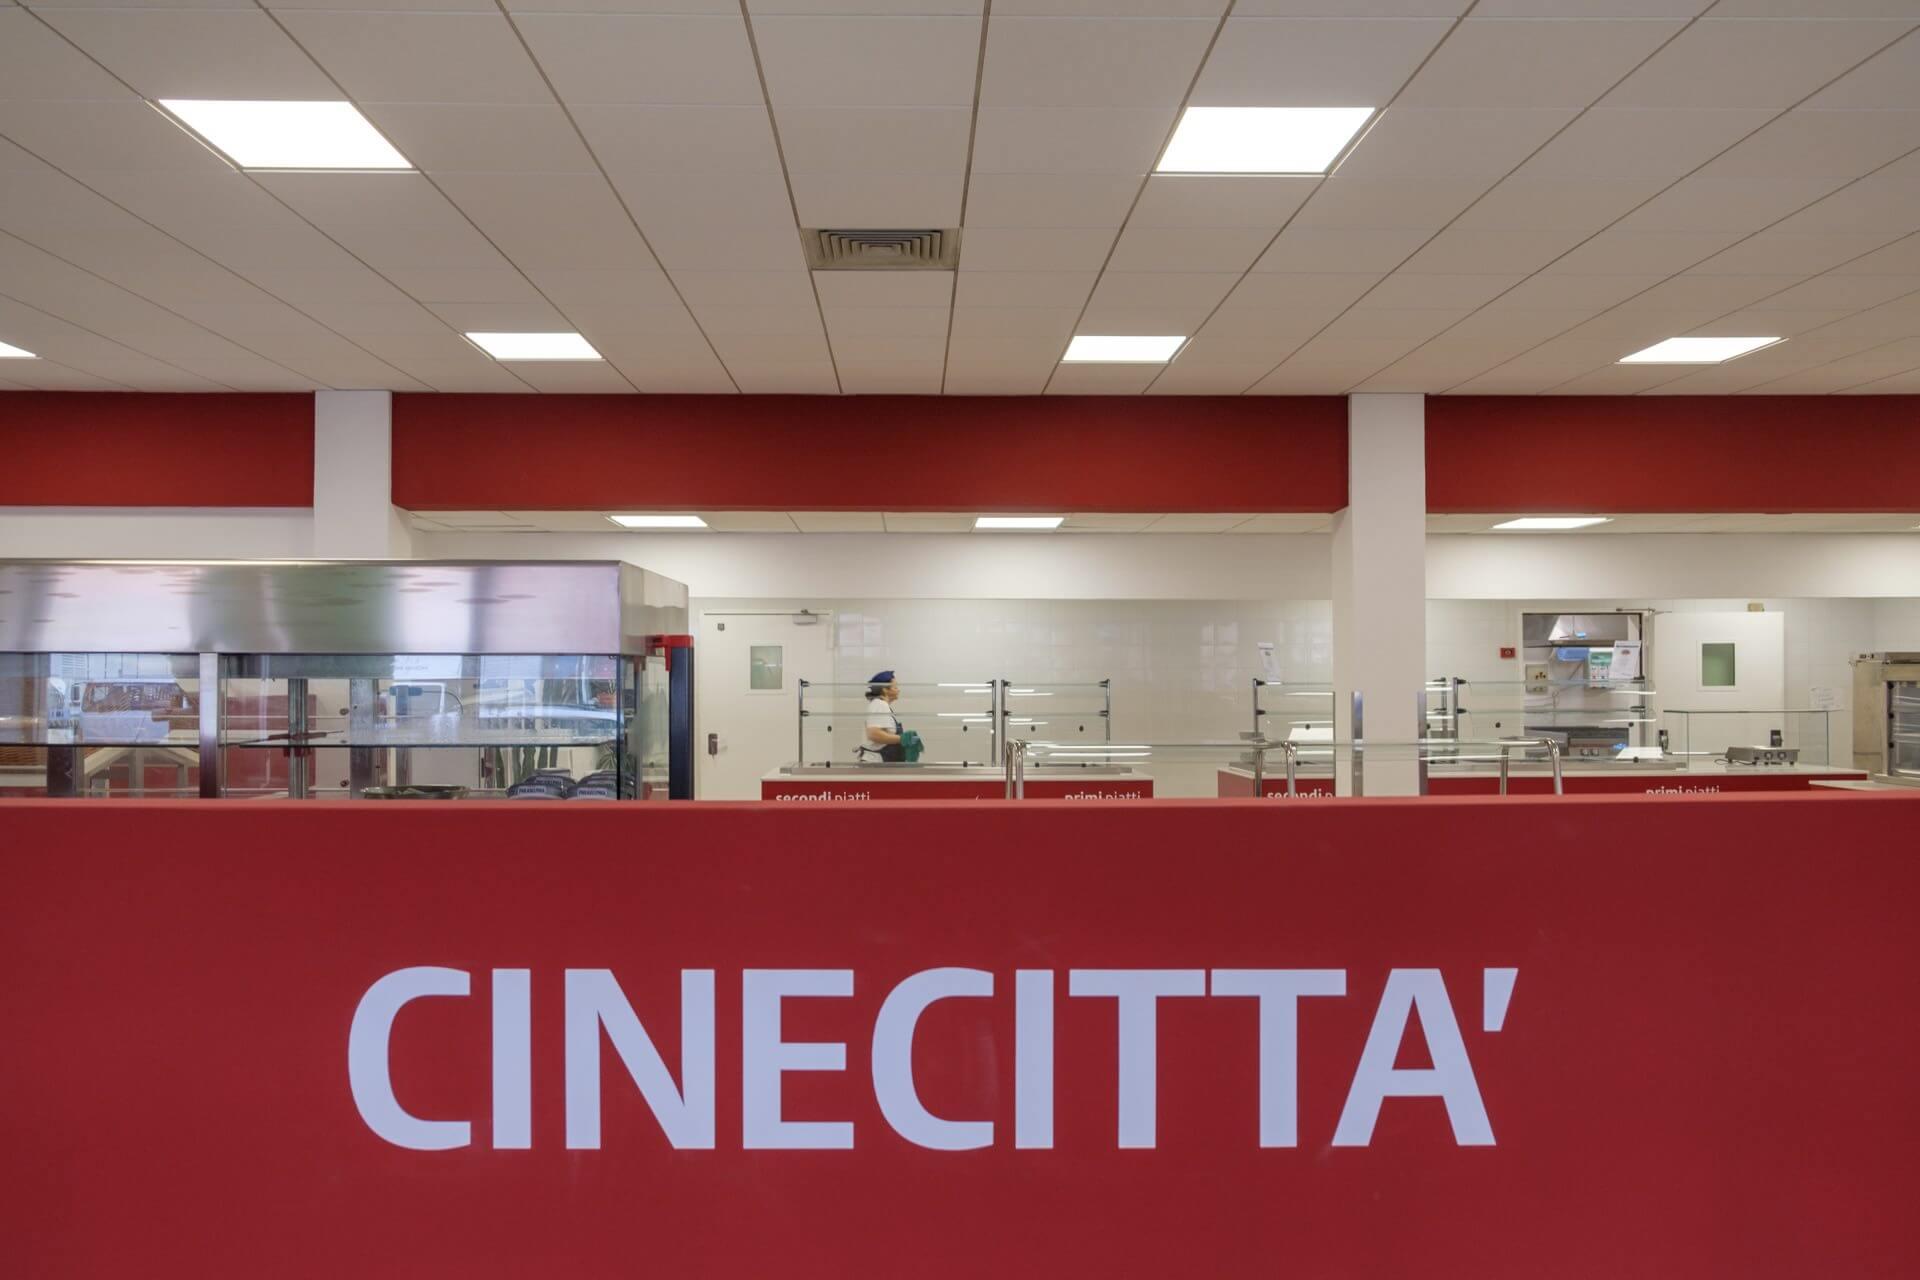 Cinecitta косметика купить москва косметика для визажа купить профессионально